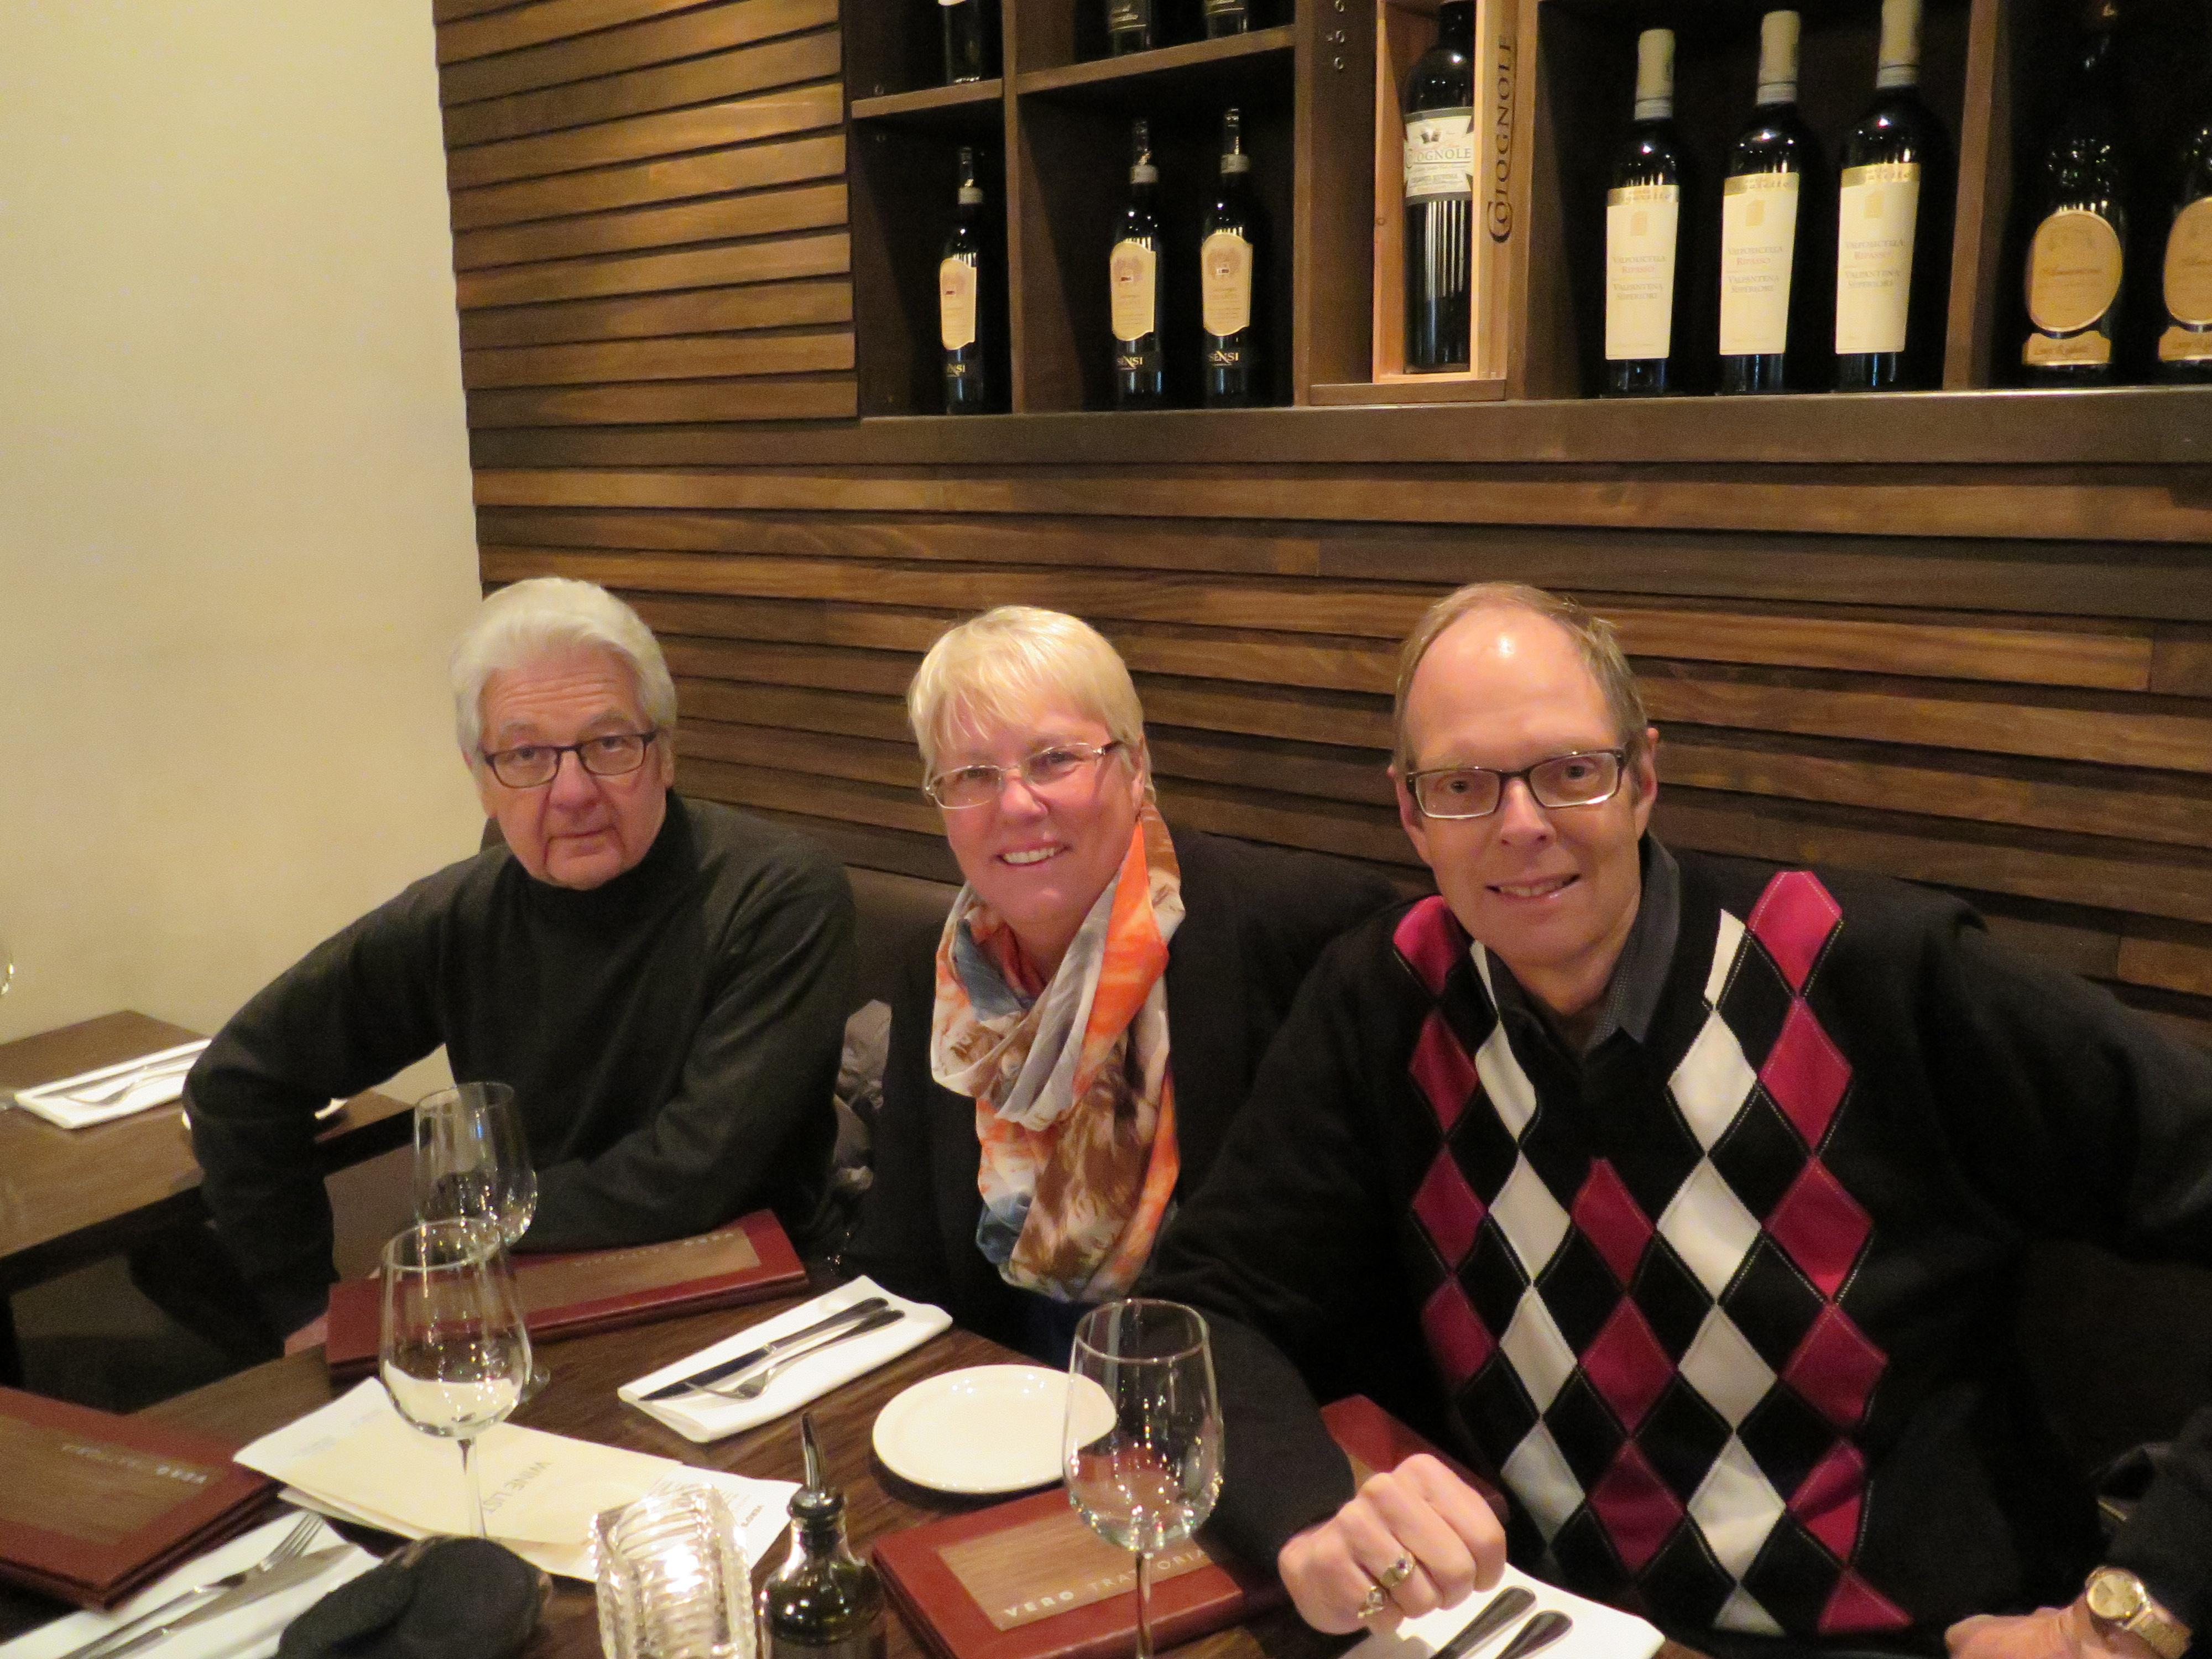 Nick Basaliga, Barbara Carter and Barry Thomas at Vero Trattoria